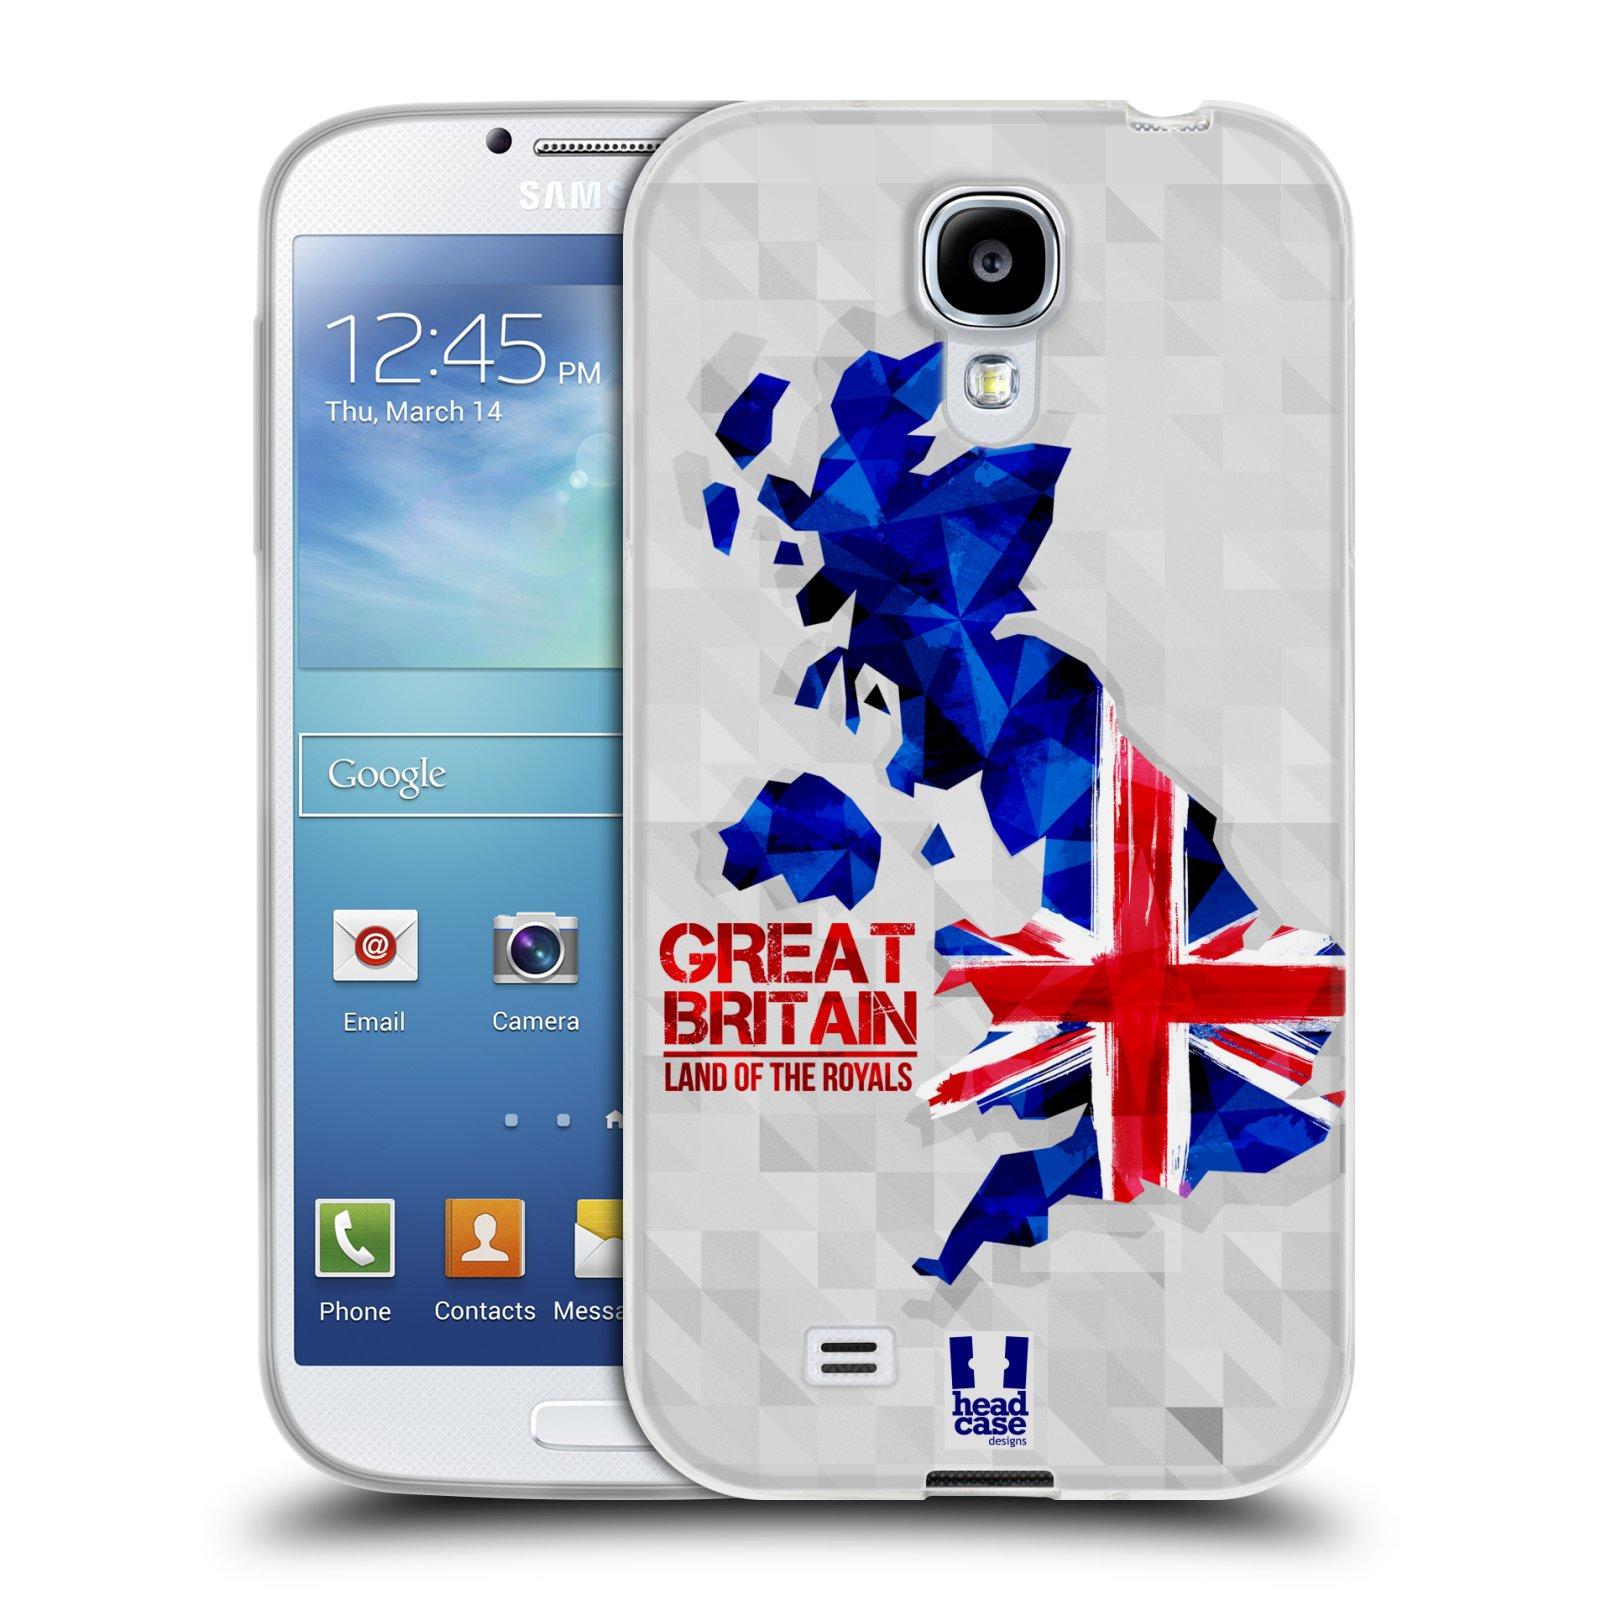 Silikonové pouzdro na mobil Samsung Galaxy S4 HEAD CASE GEOMAPA VELKÁ BRTÁNIE (Silikonový kryt či obal na mobilní telefon Samsung Galaxy S4 GT-i9505 / i9500)